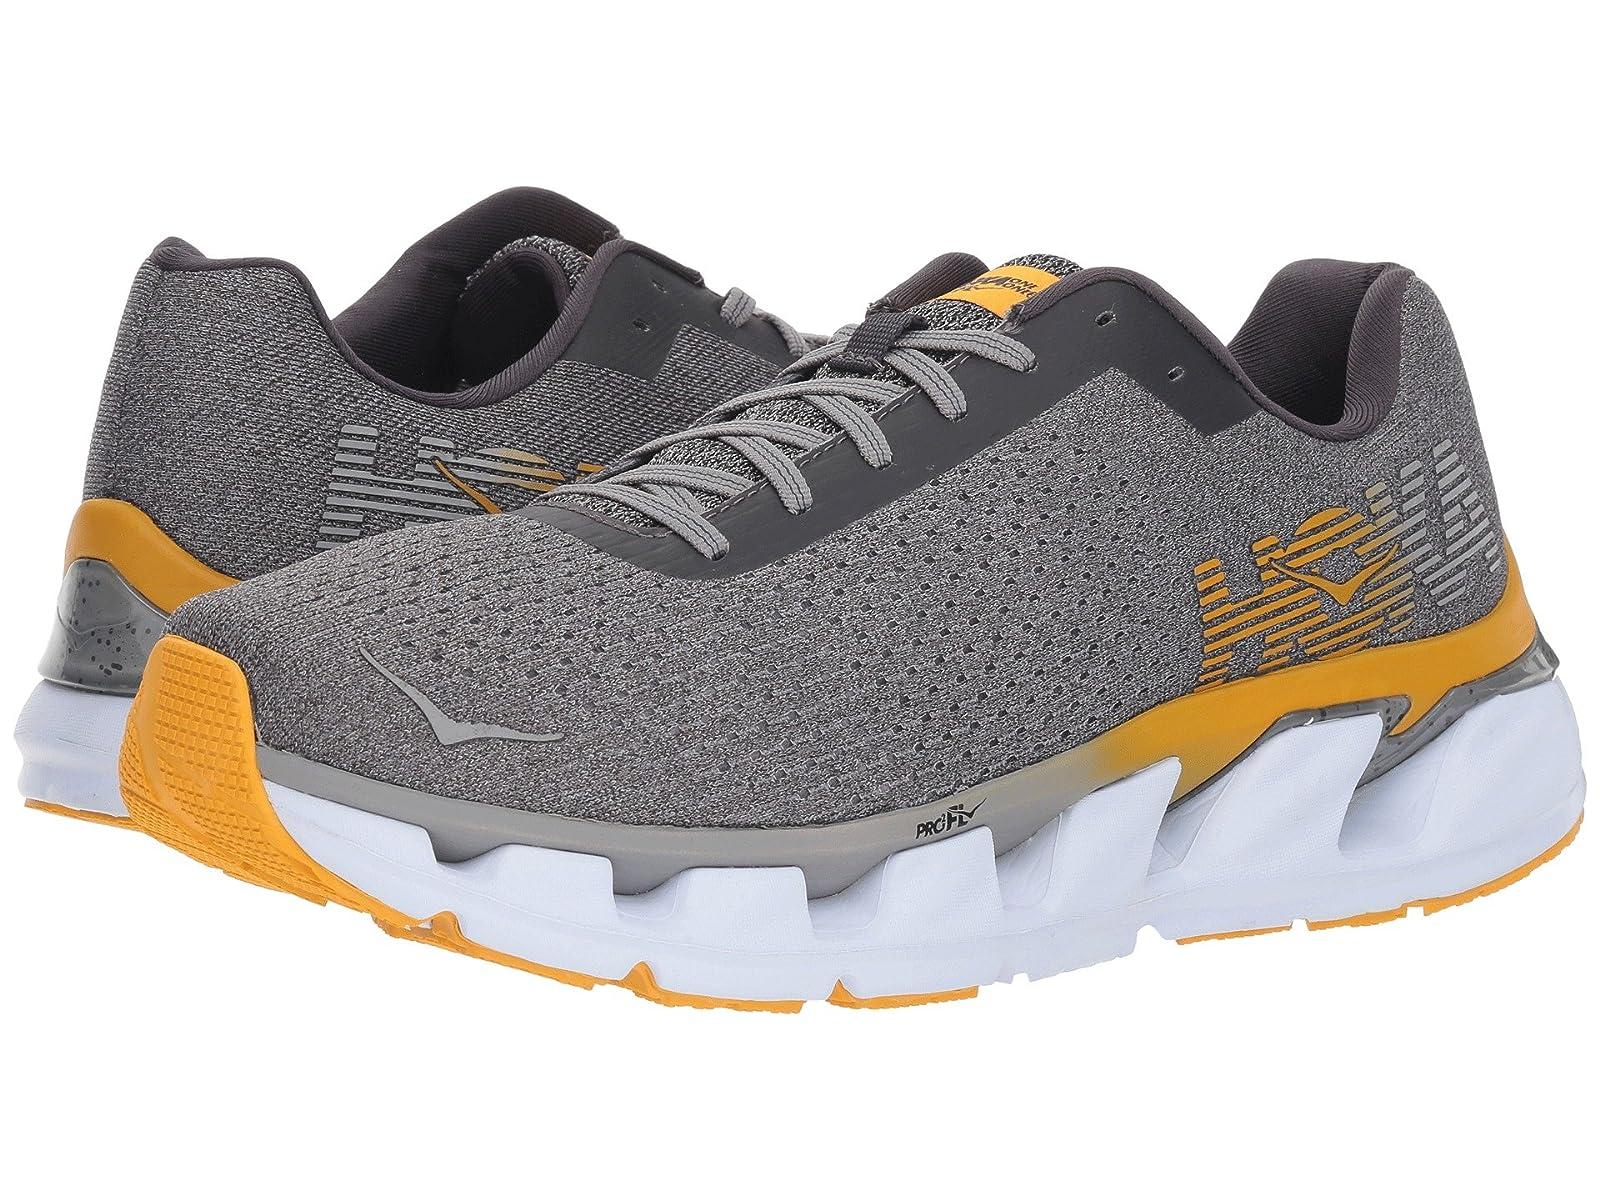 Hoka One One ElevonAtmospheric grades have affordable shoes